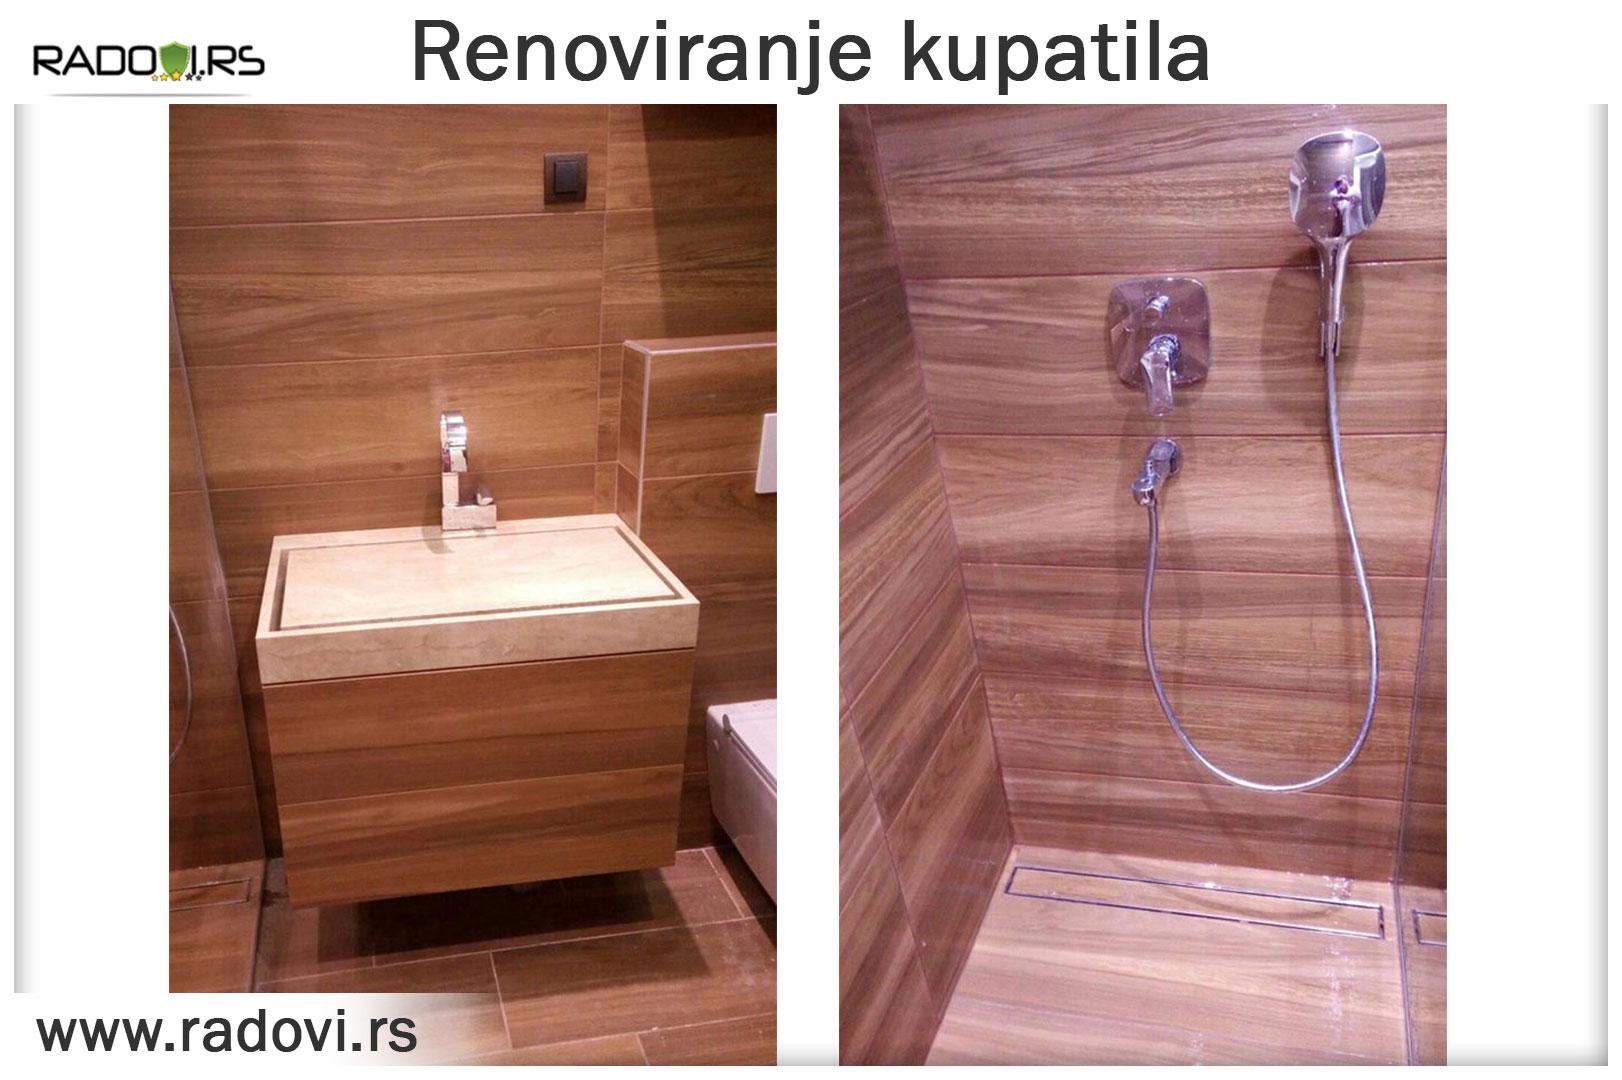 Renoviranje kupatila - Vodoinstalater Beograd - Radovi.rs Tim